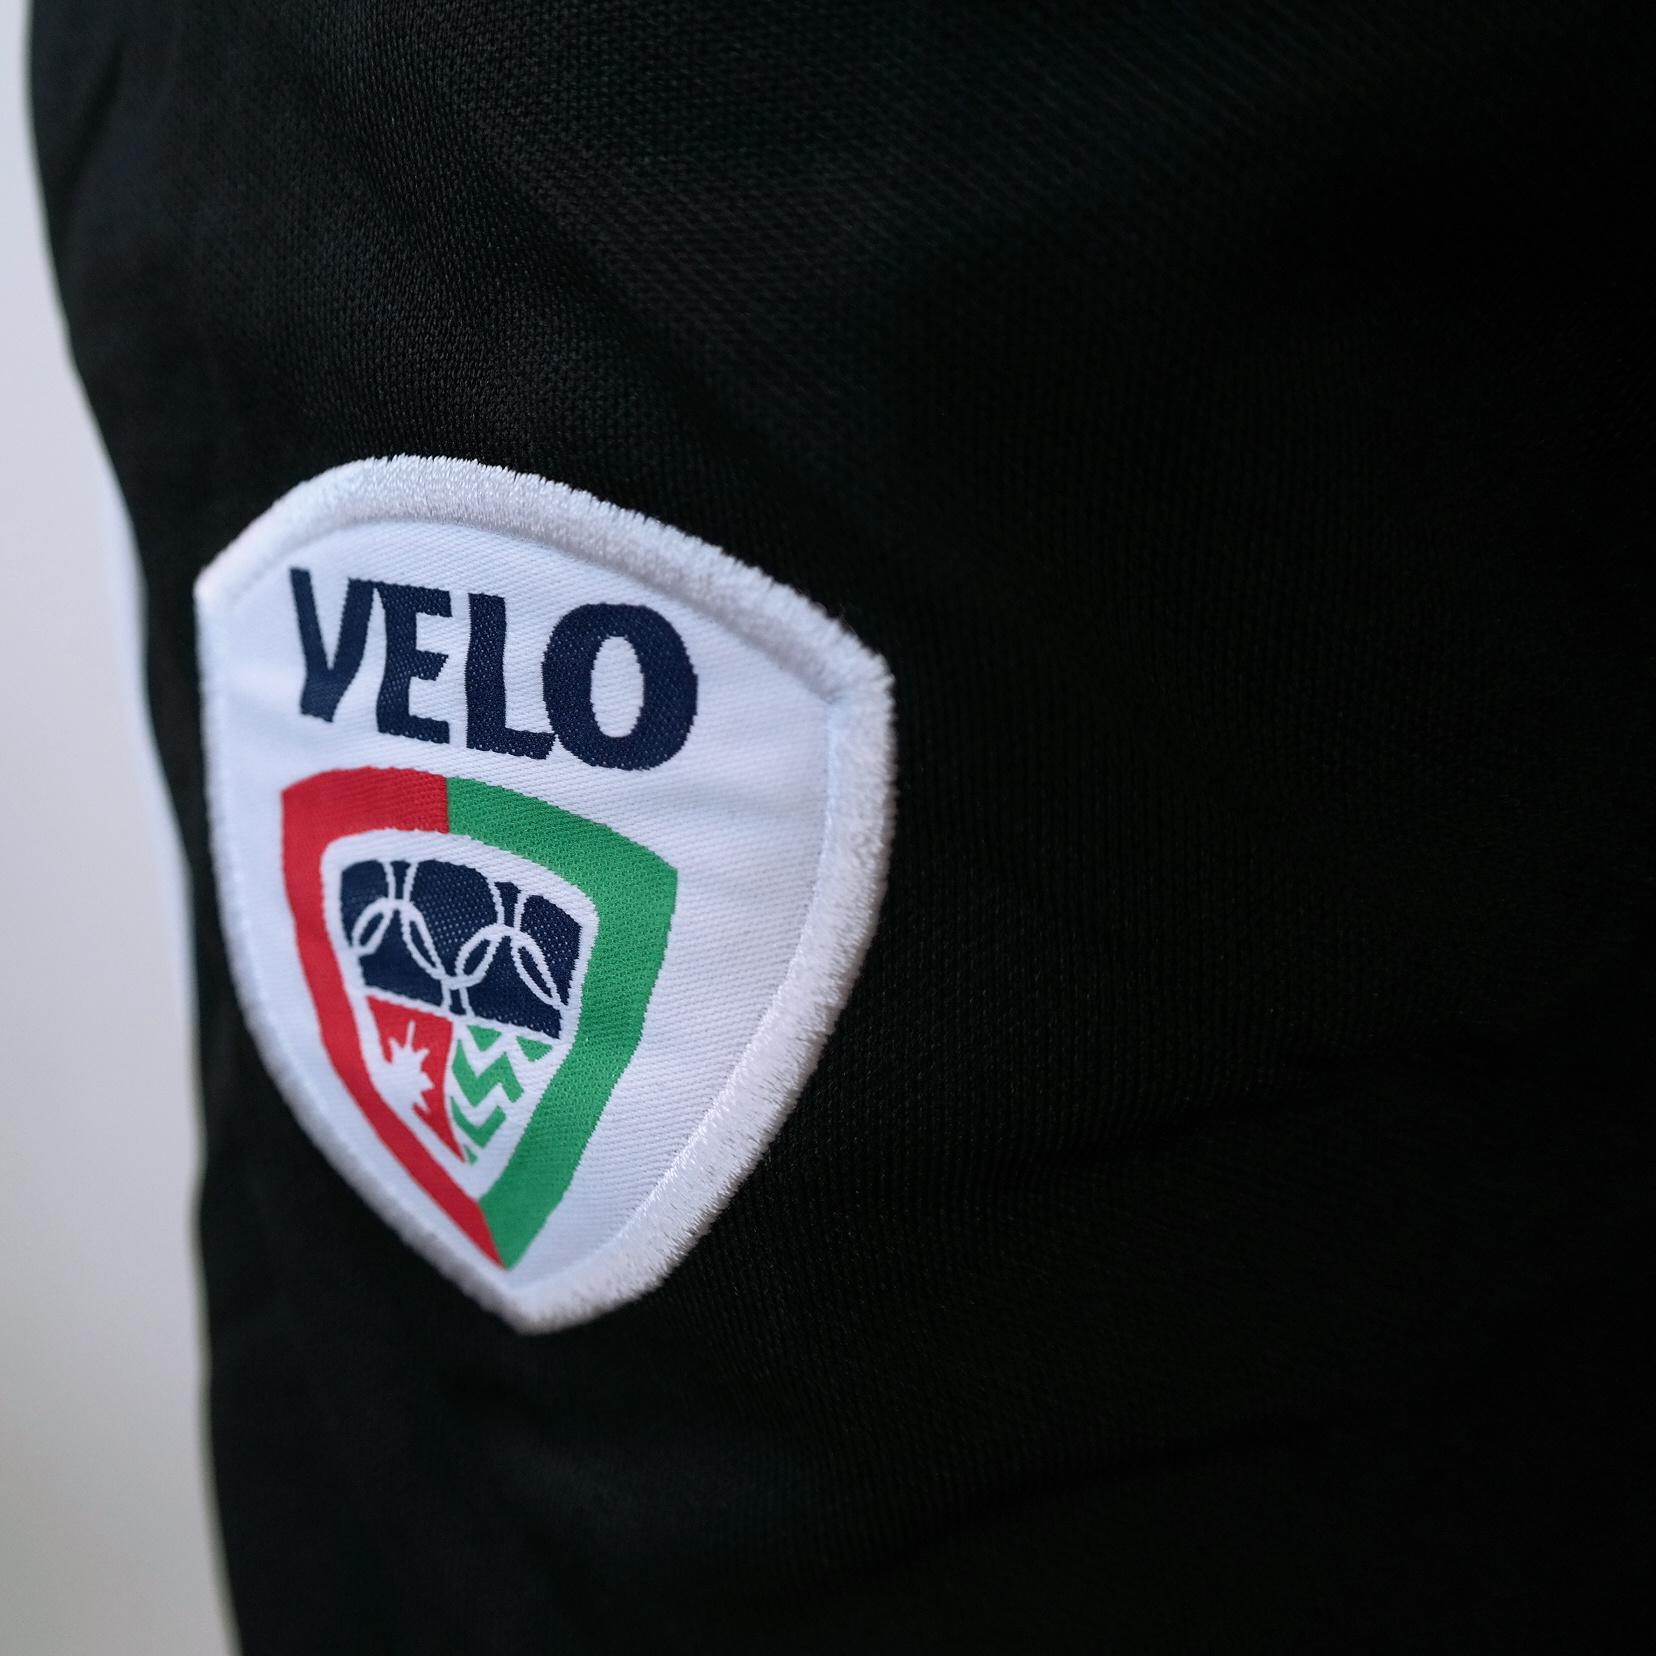 Klupp MAAT Velo Broek, Zwart/Groen